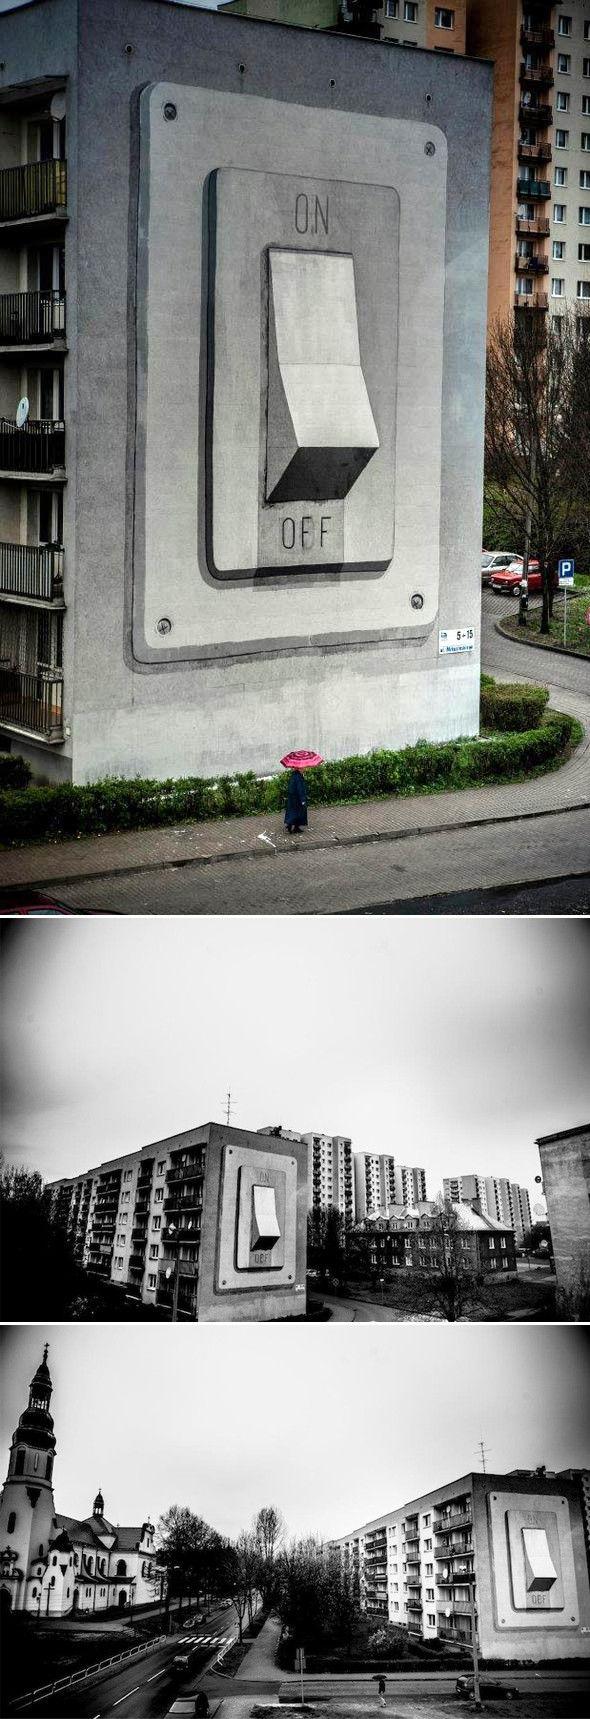 Stacked est une série intense que propose l'architecture urbaine compacte de Hong Kong. Photographe basé en Australie, Peter Stewart pointe son objectif vers le haut pour capturer les formes abstraites créées par les structures densément peuplées des logements sociaux.